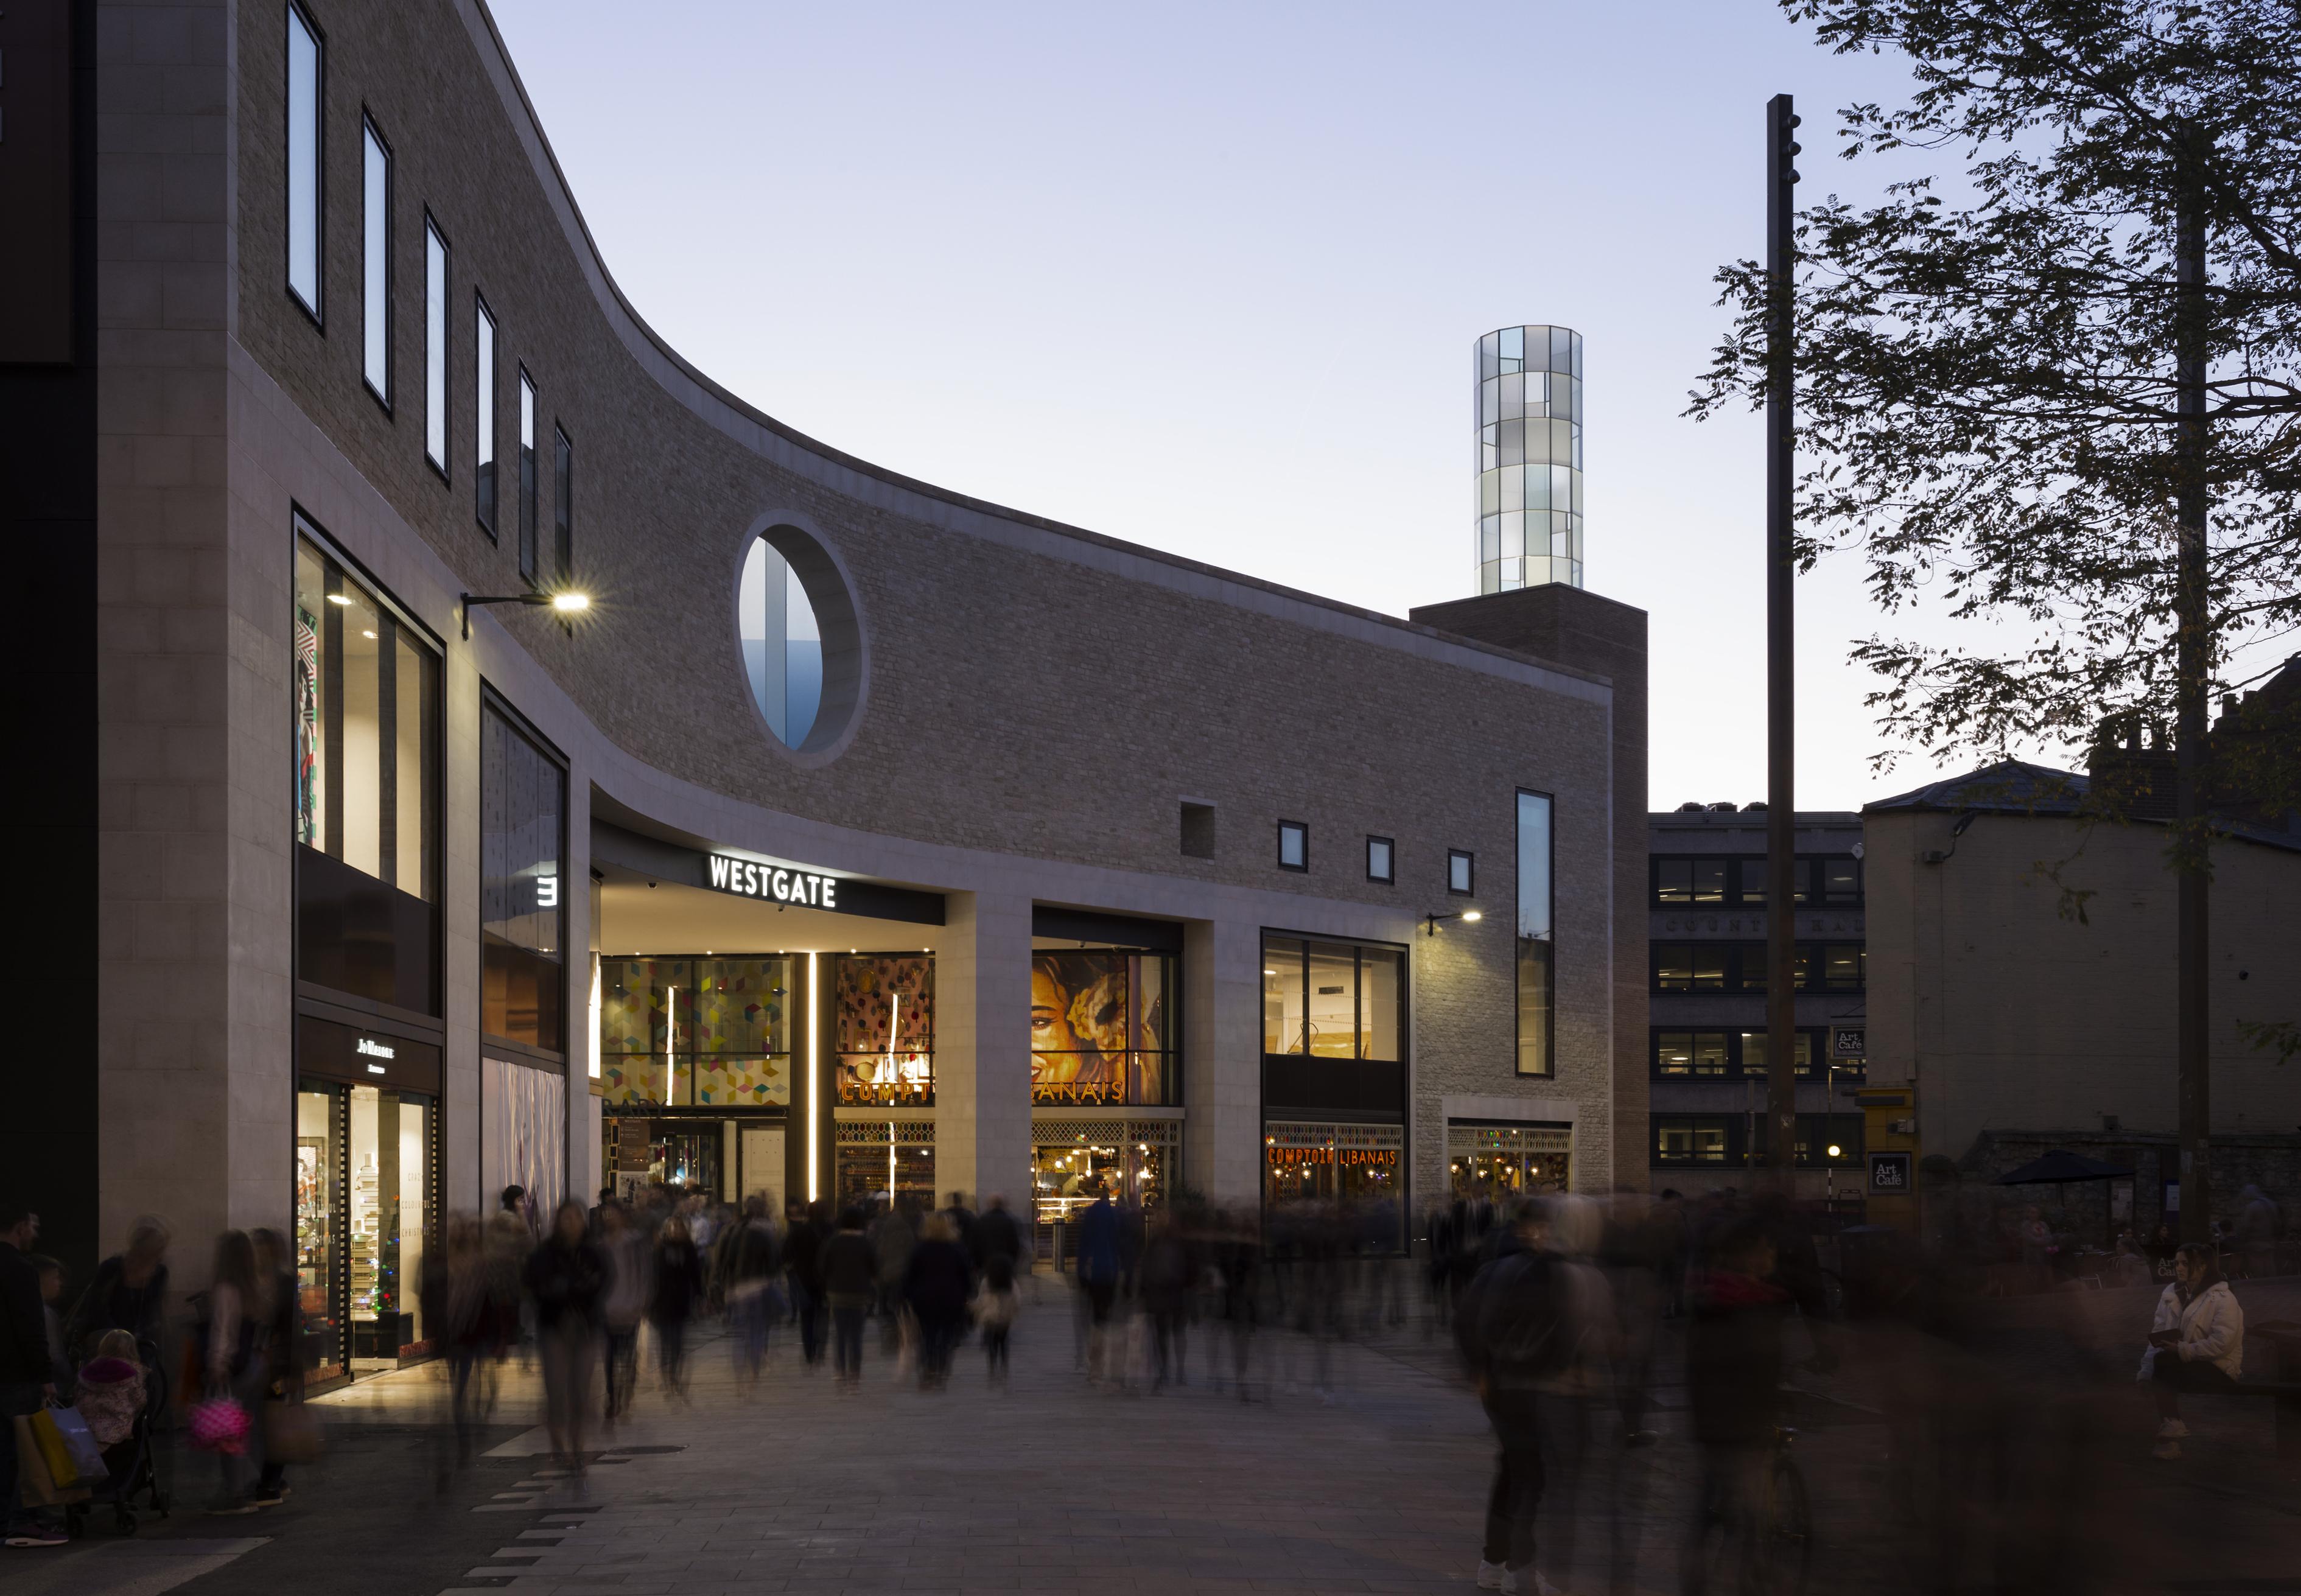 Daniela Schönbächler, The Lantern and Oculus, 2017. Westgate Oxford, Bonn Square entrance. Image credit: Lorenz Ehrismann, Zurich